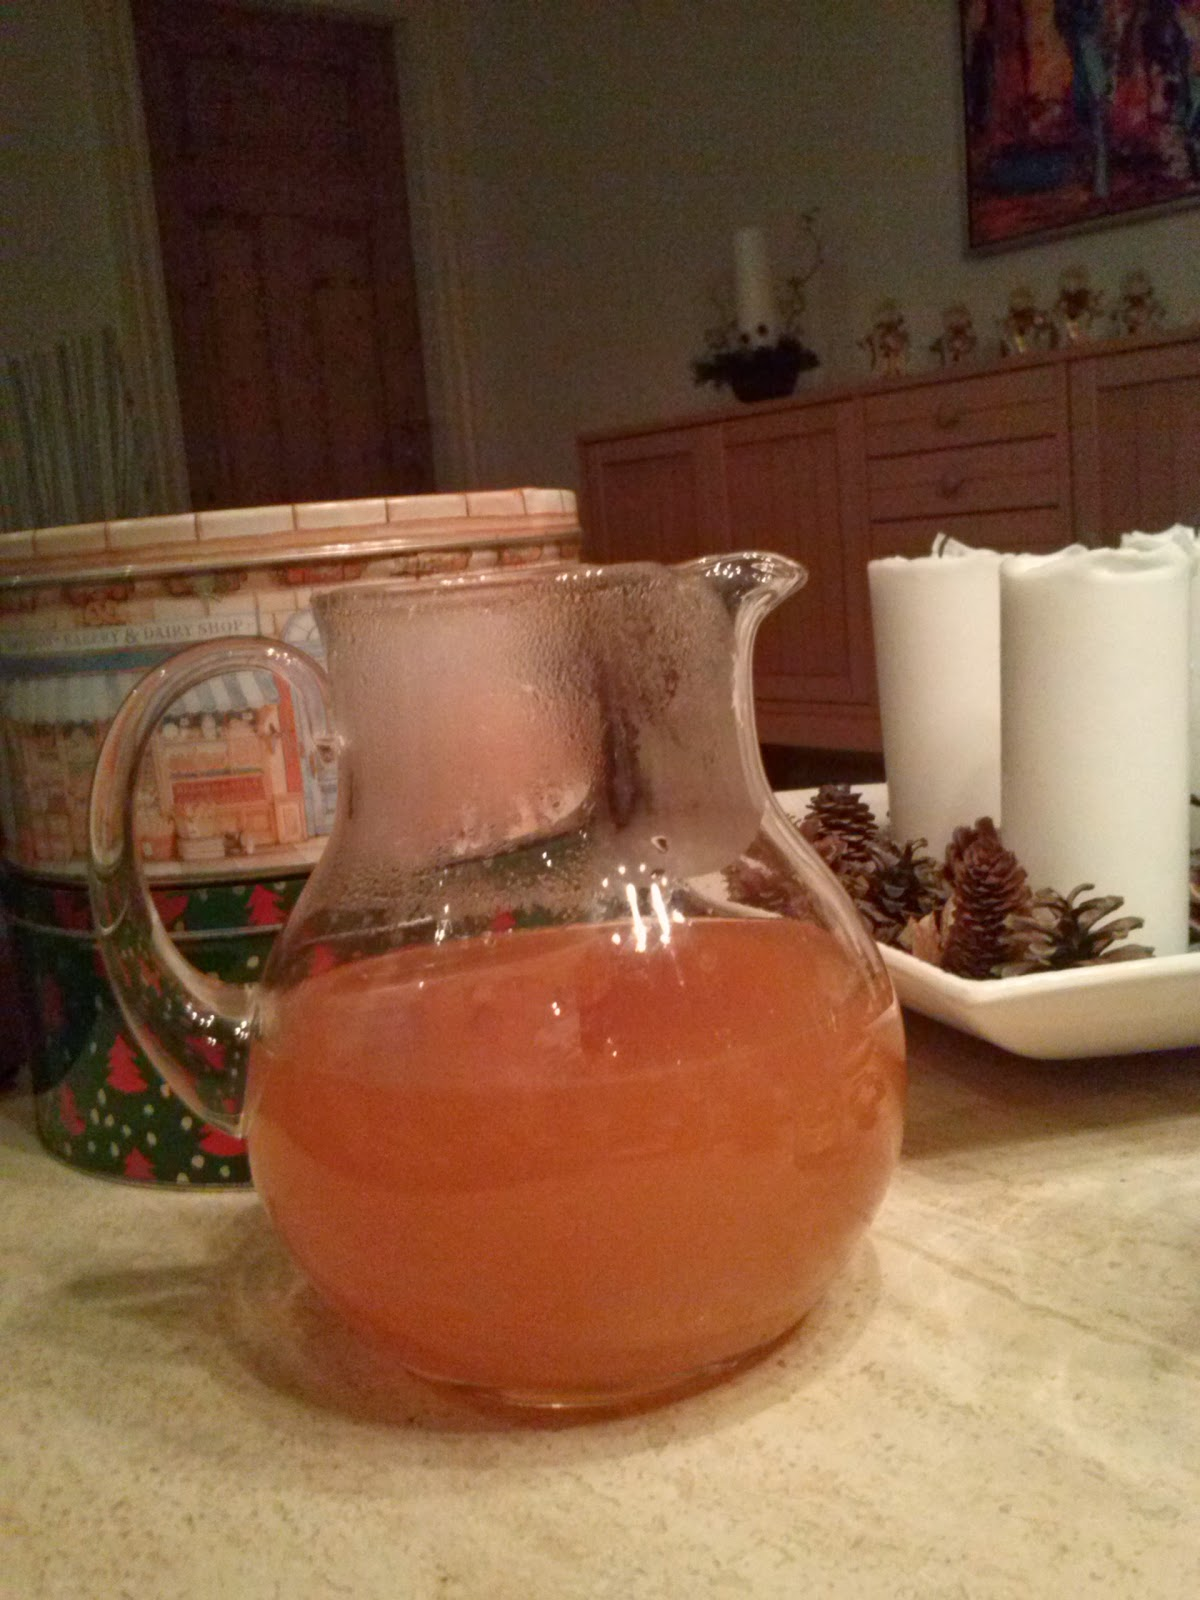 NATURLIGVIS-mad: Æblegløgg med eller uden alkohol